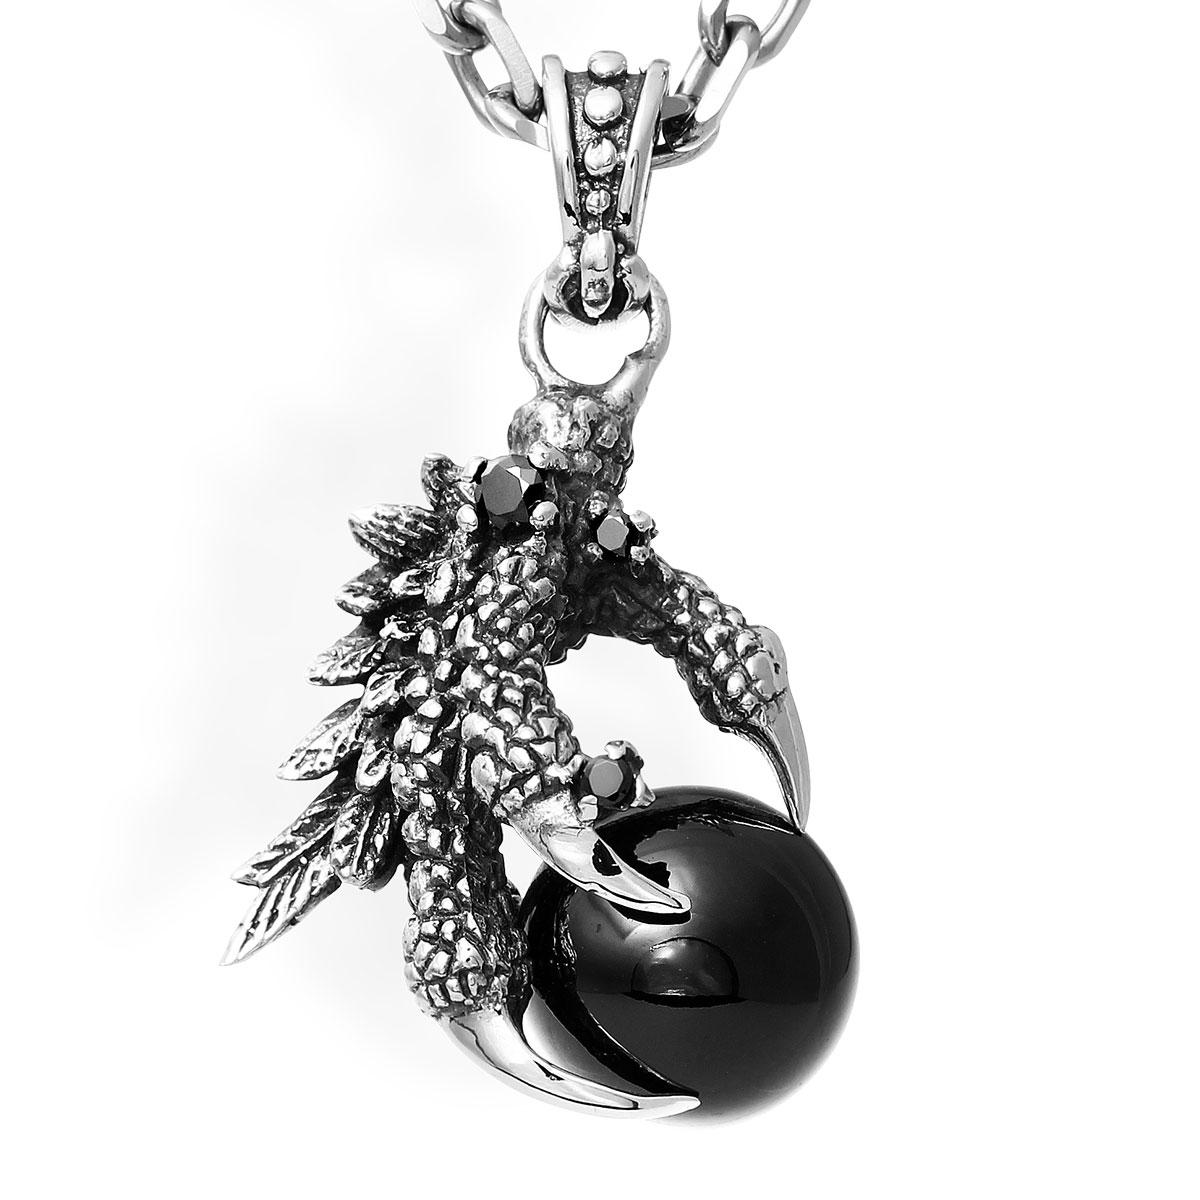 ASC5 鳳凰龍珠項鍊